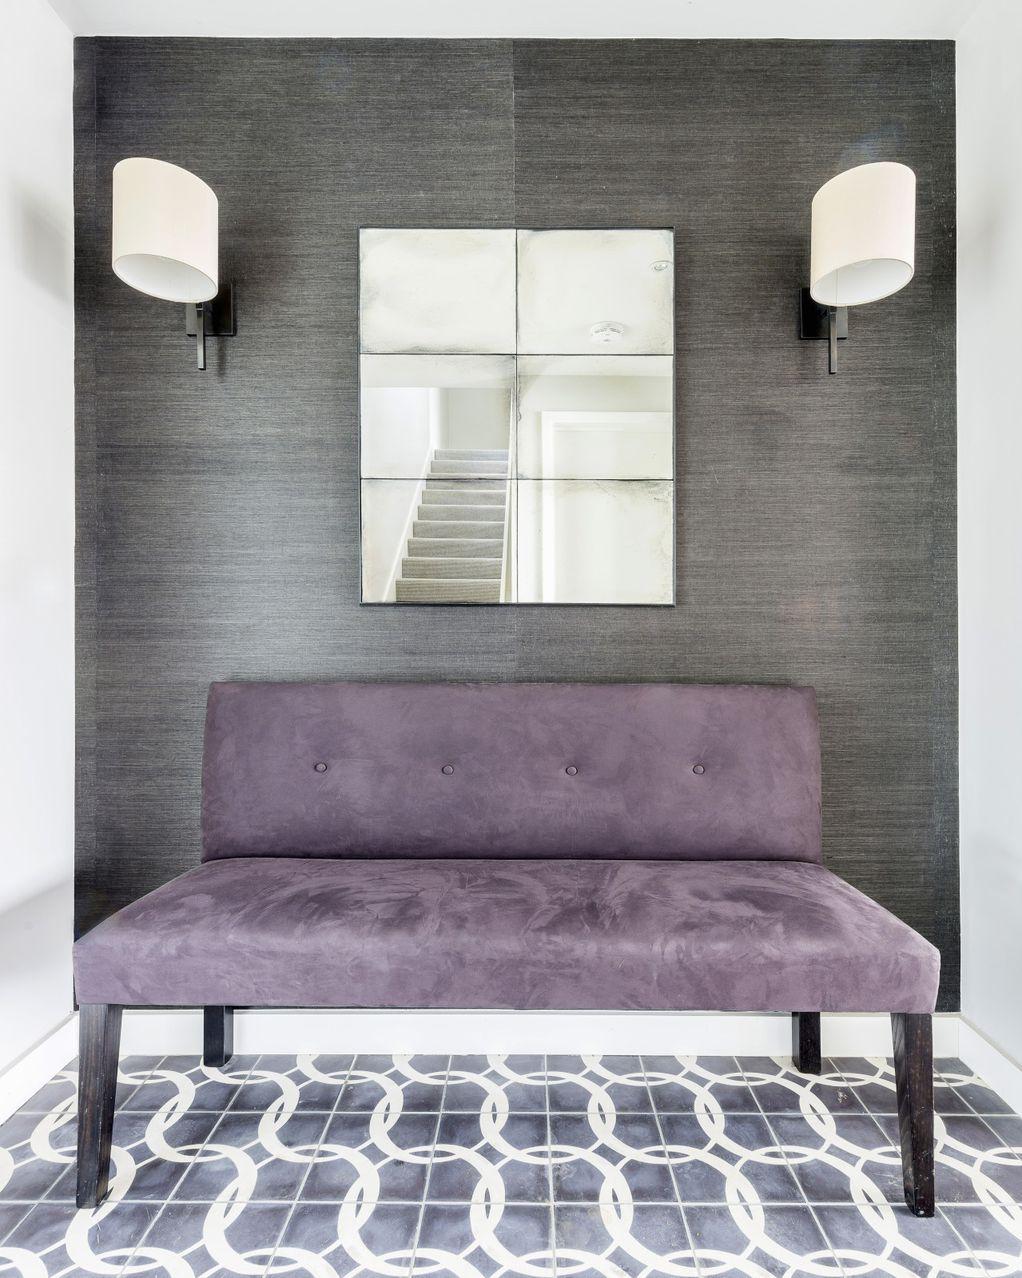 10 фотографии што докажуваат дека виолетовата и сивата боја се совршен спој во уредувањето на домот